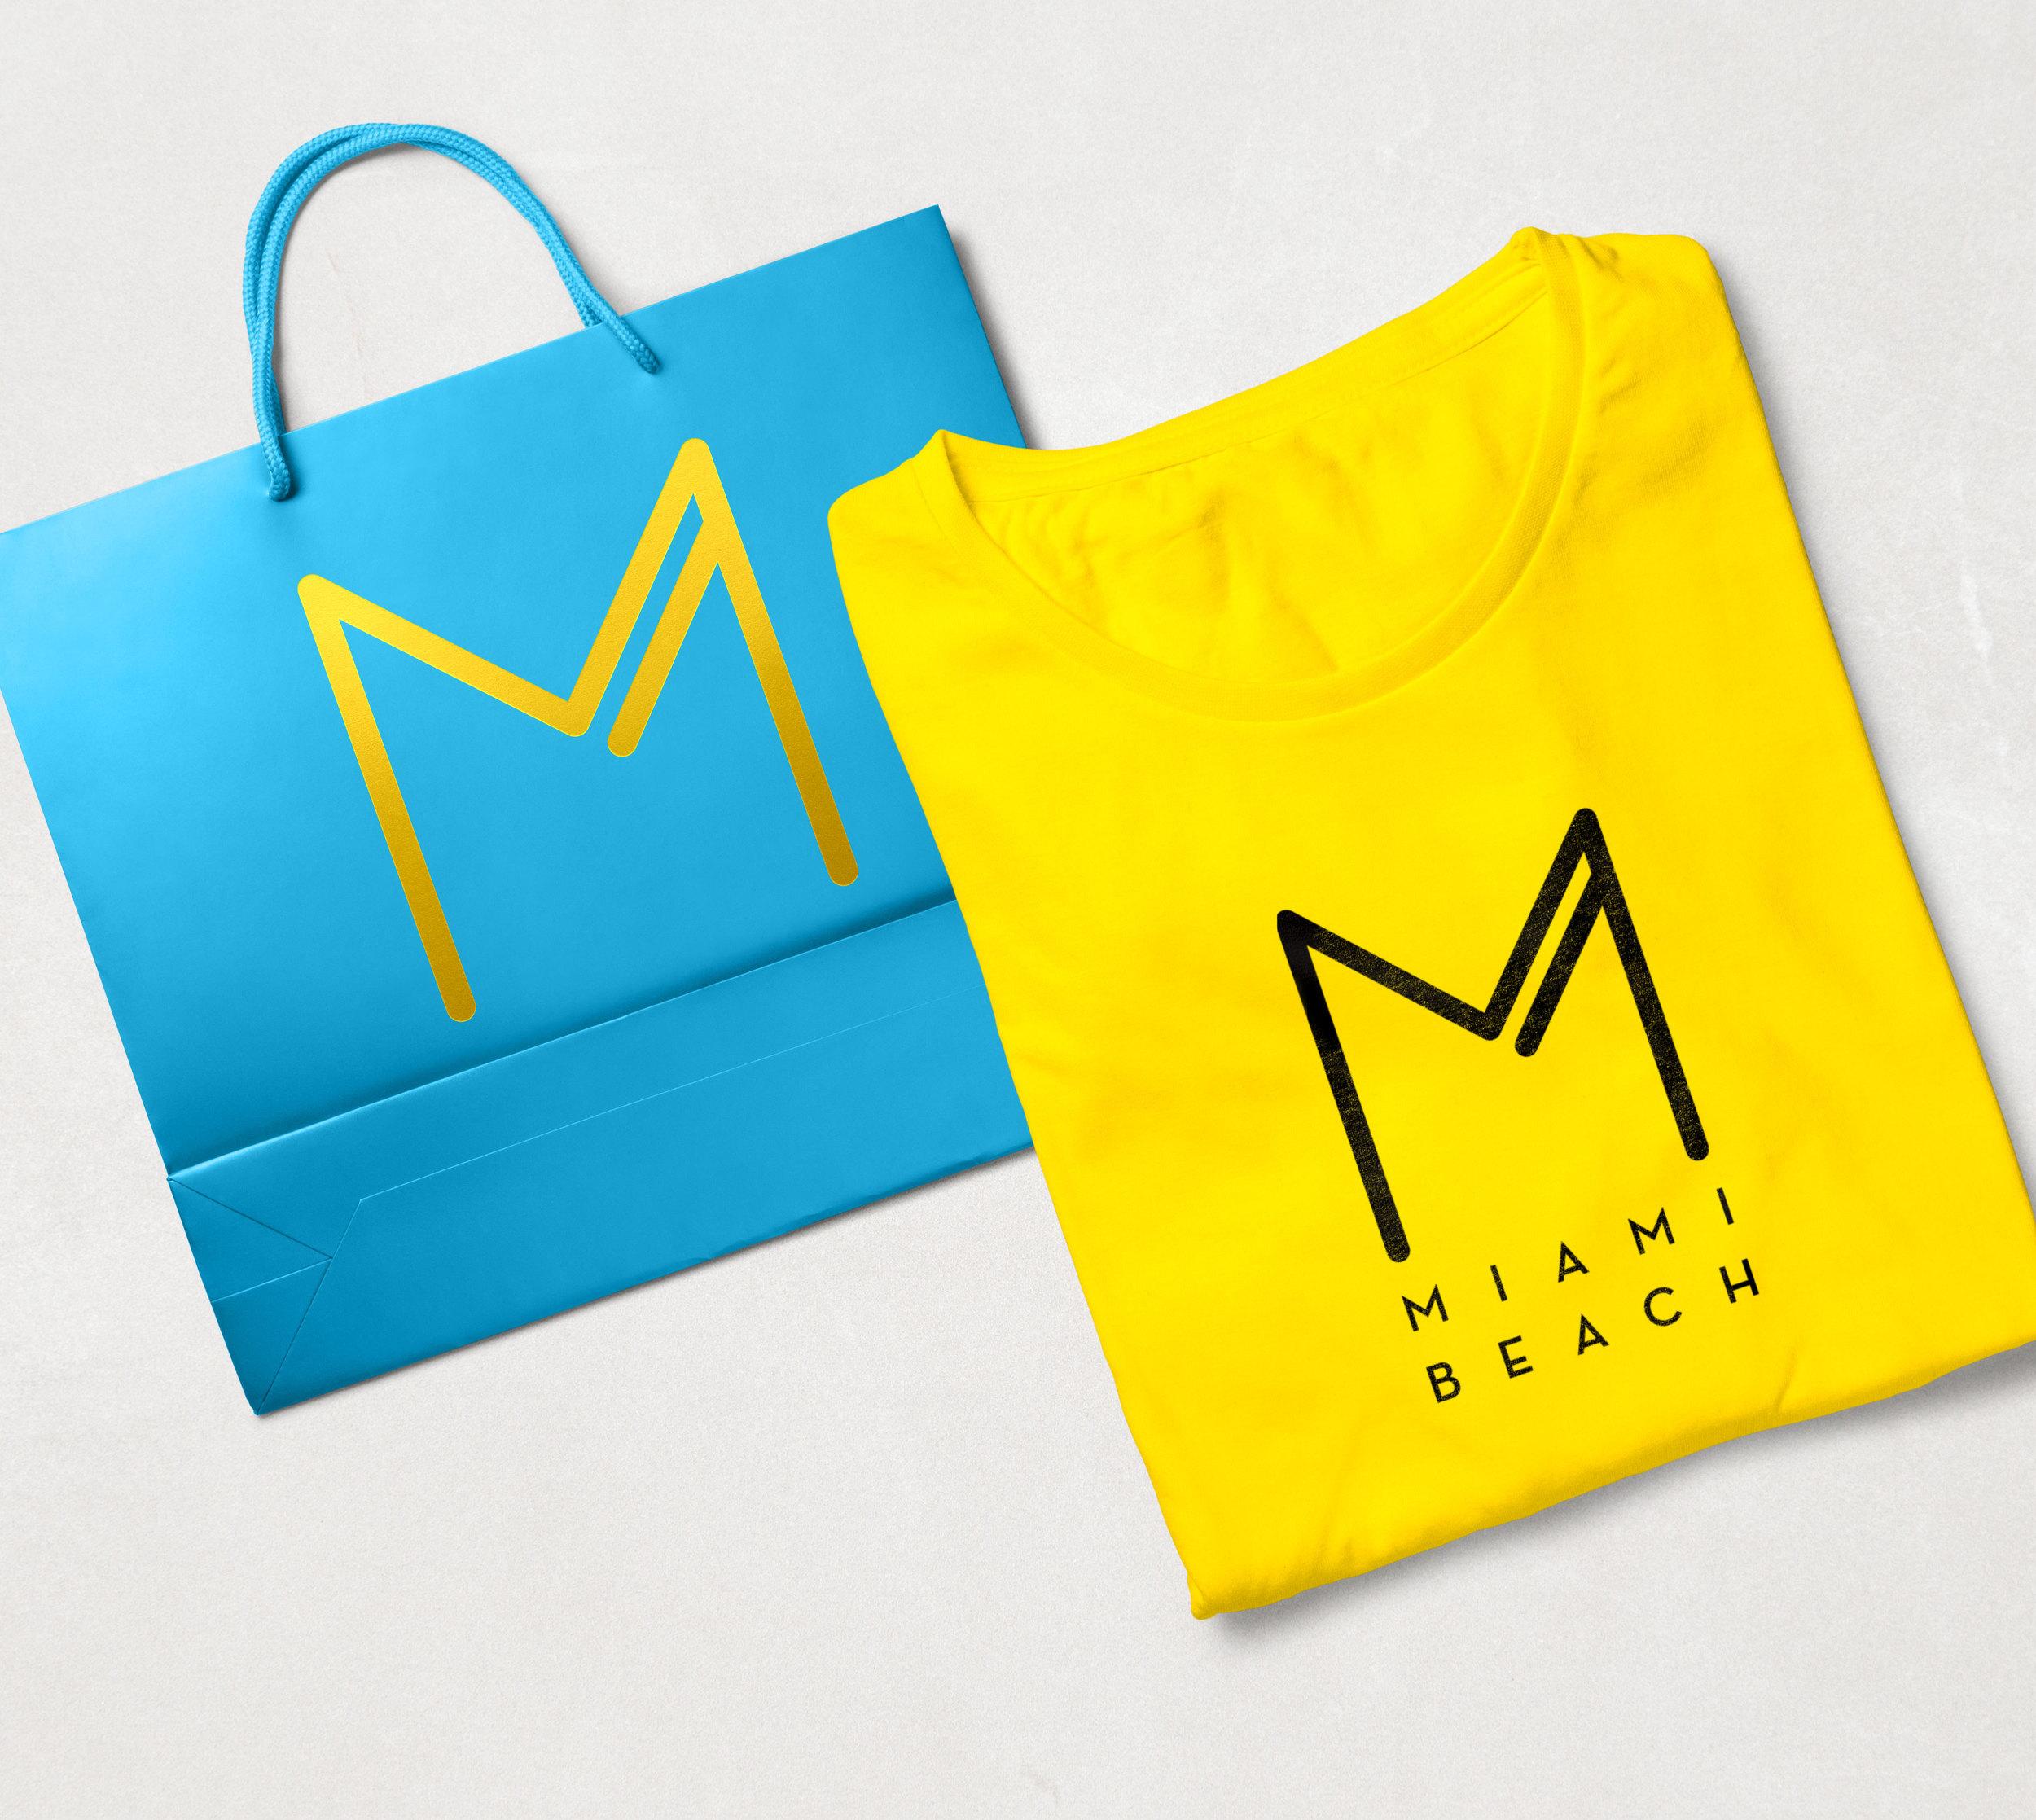 160813_MiamiBeach_Bag_Tshirt_Web.jpg